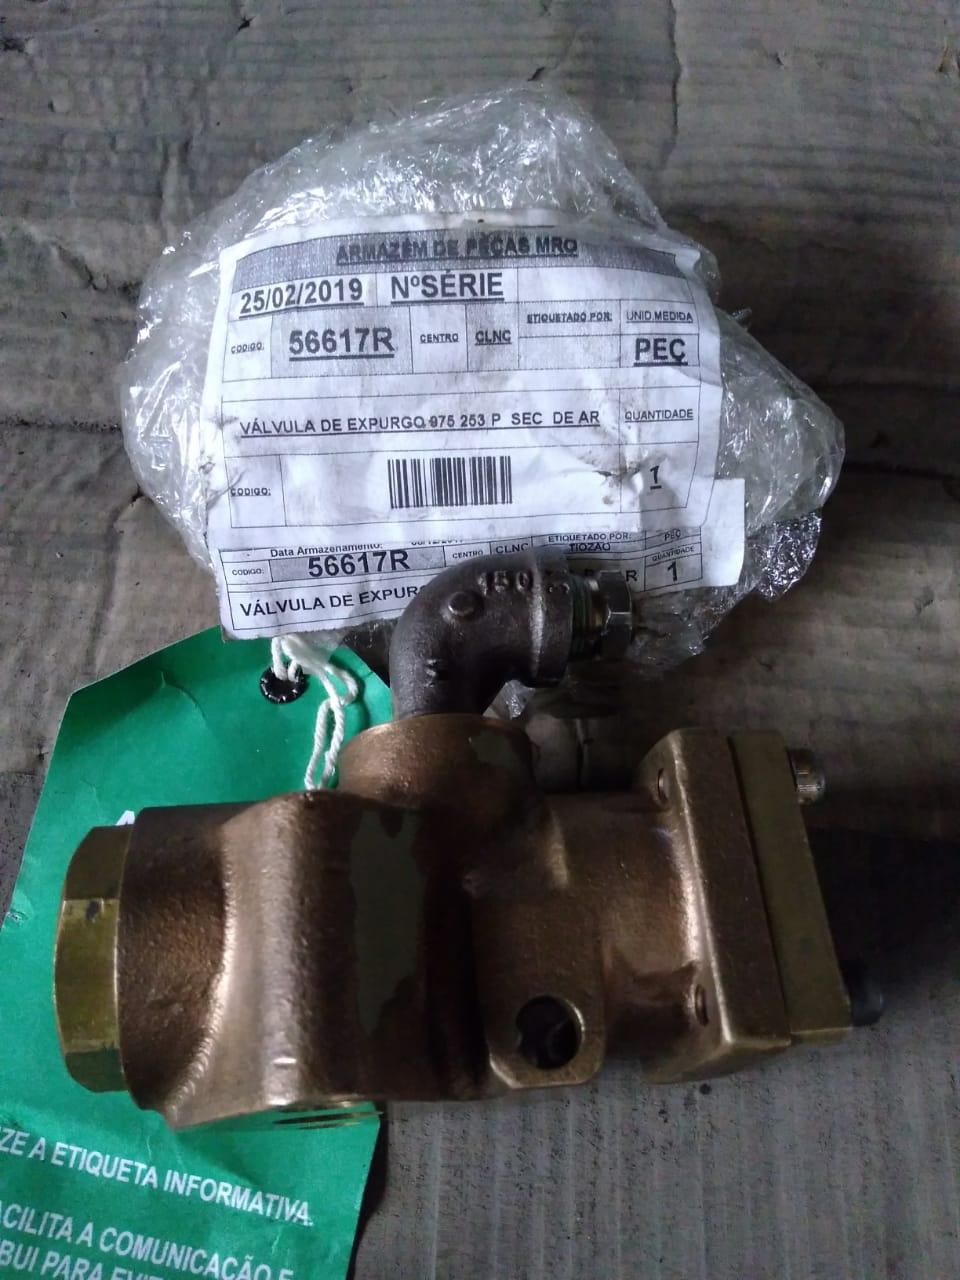 Válvula de expurgo 975 253 p  sec  de ar aprox. 1 peça